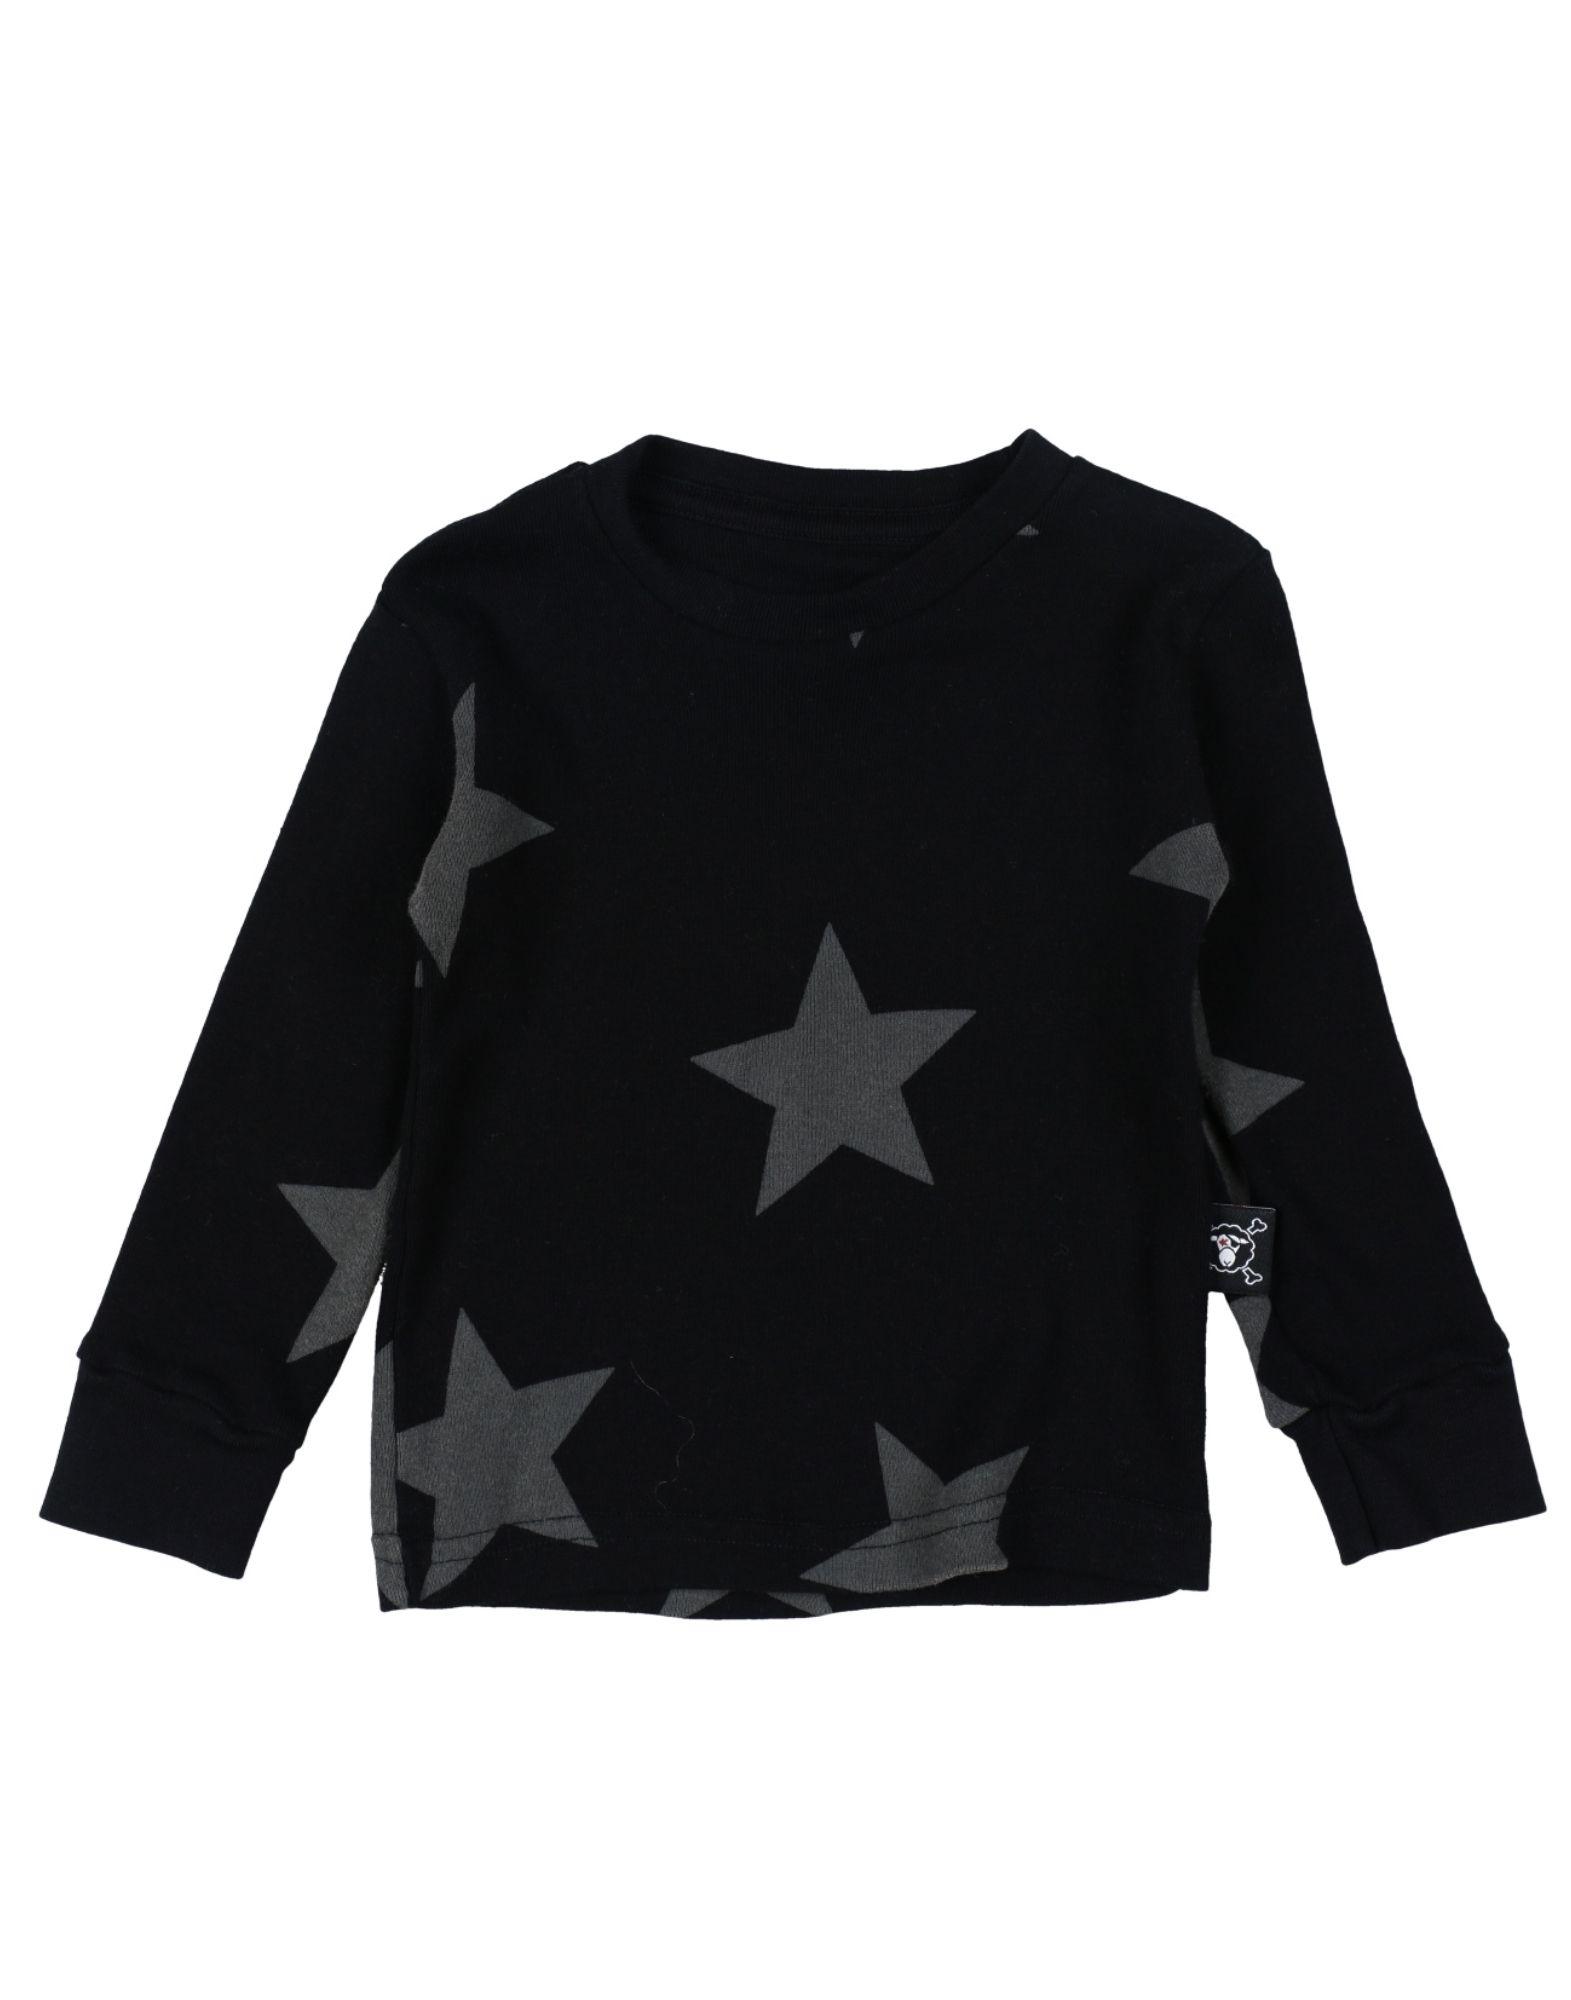 NUNUNU Jungen 0-24 monate T-shirts Farbe Schwarz Größe 4